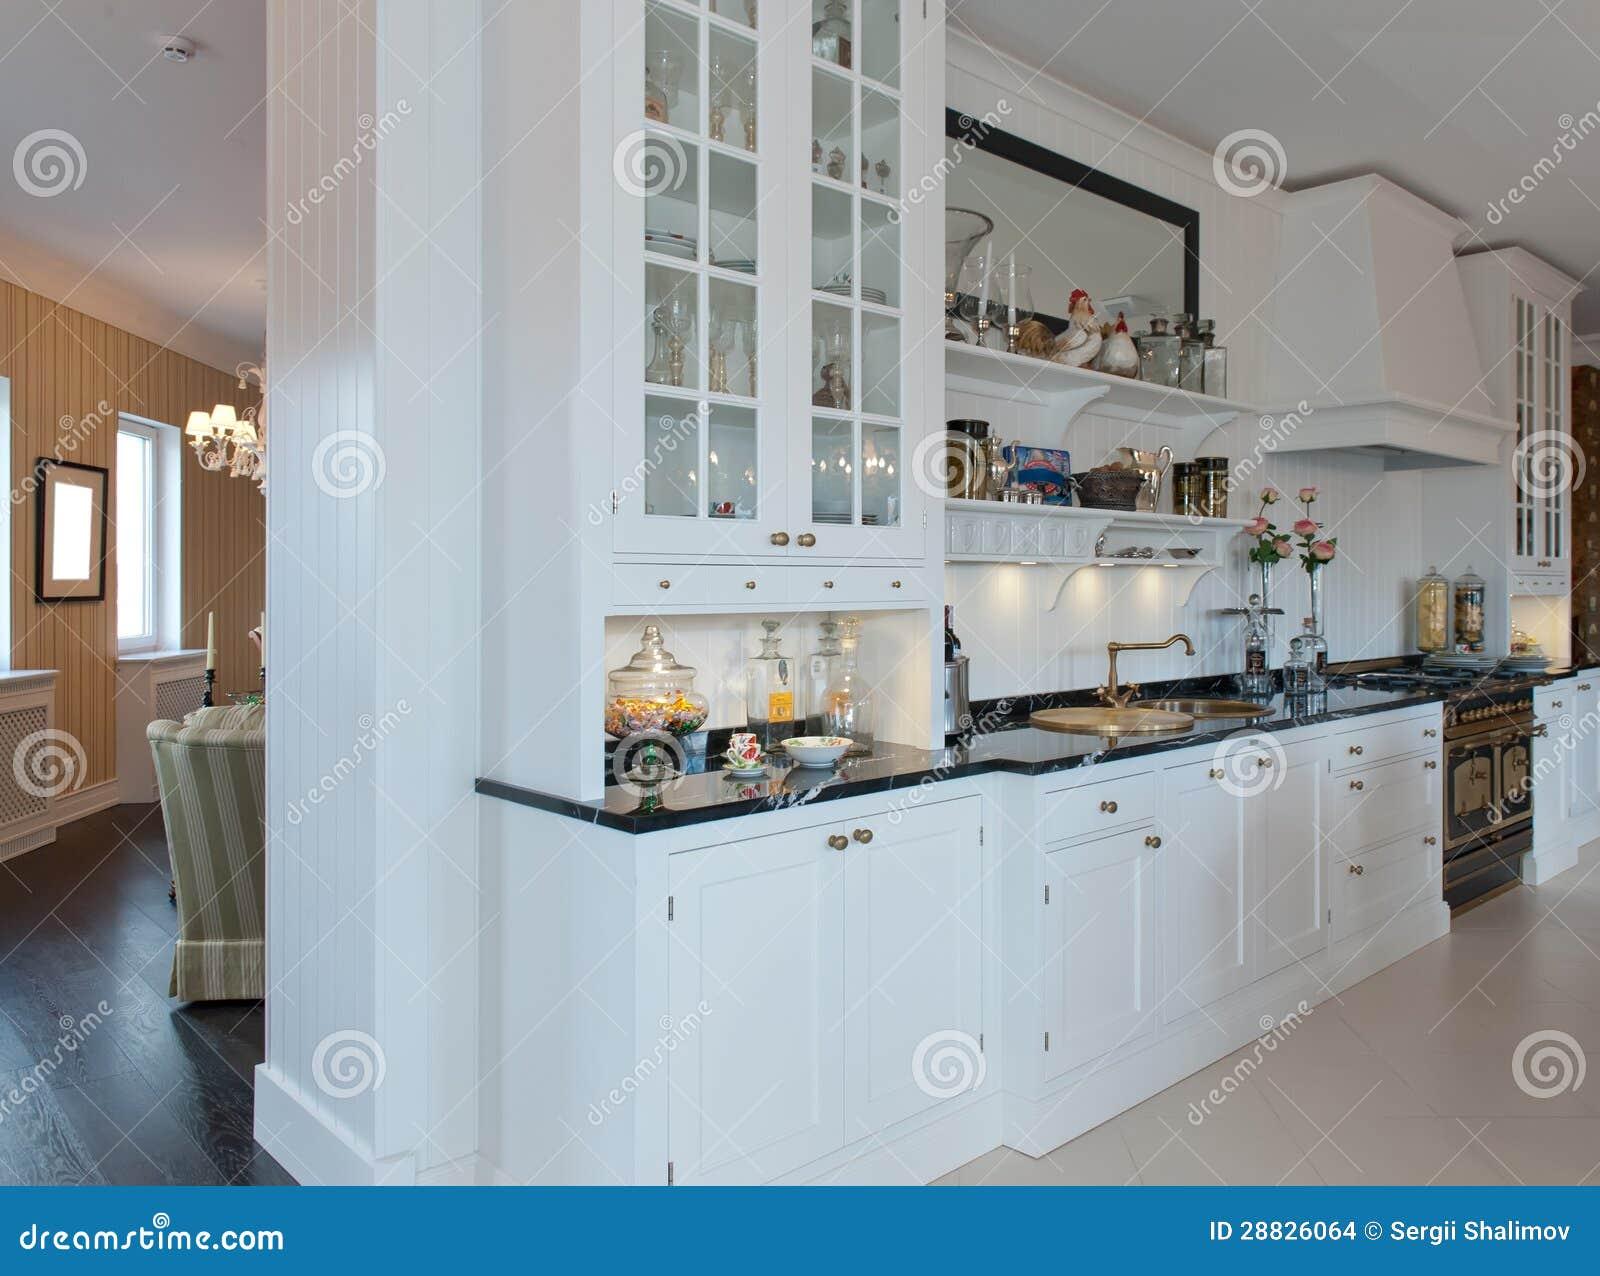 Witte keuken stock afbeeldingen afbeelding 28826064 - Witte keuken decoratie ...